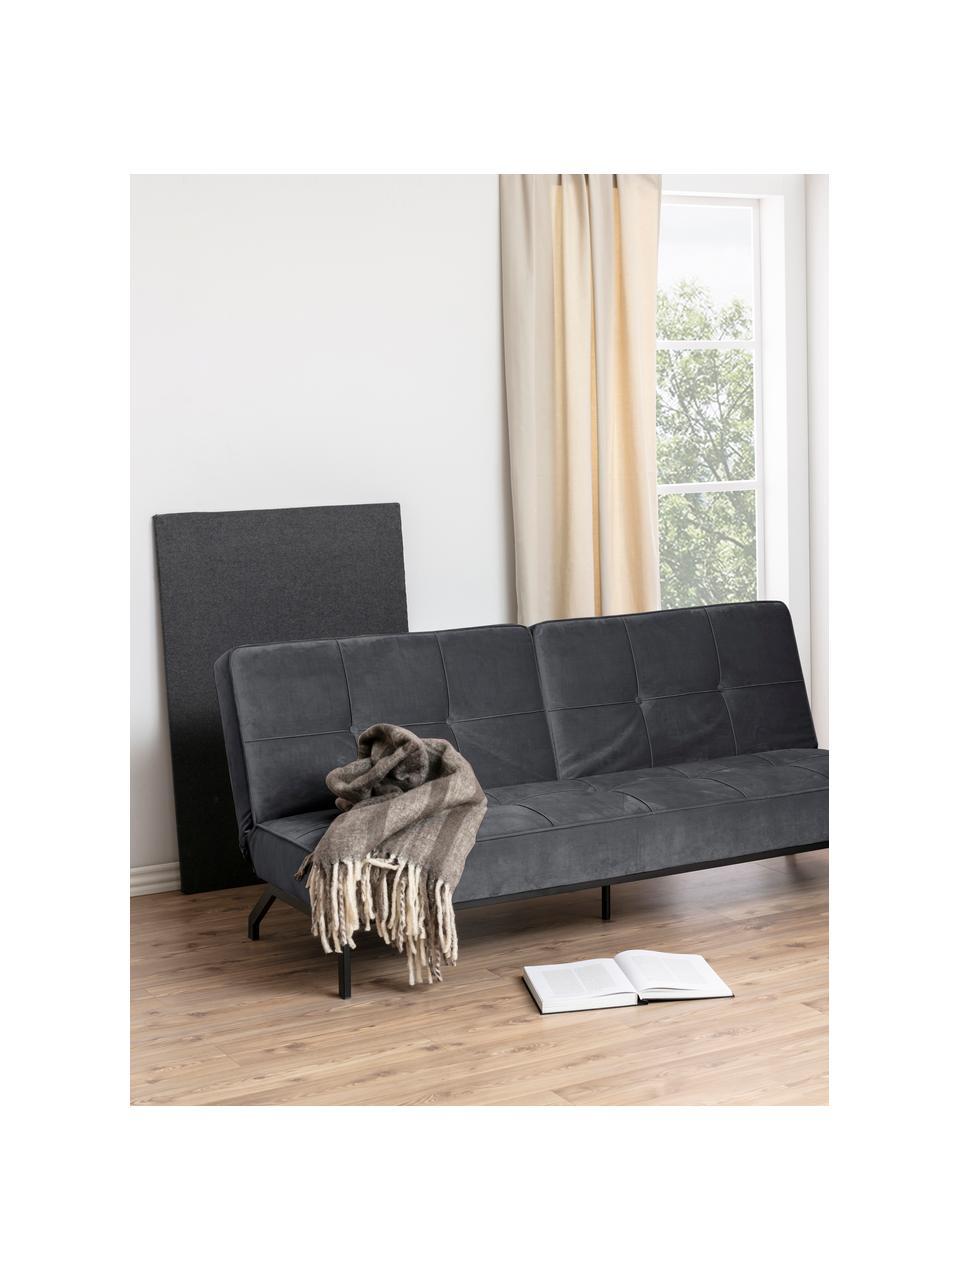 Sofa z aksamitu z metalowymi nogami i  funkcją spania Perugia (2-osobowa), Tapicerka: aksamit poliestrowy Dzięk, Nogi: metal lakierowany, Aksamitny ciemny szary, S 198 x G 95 cm